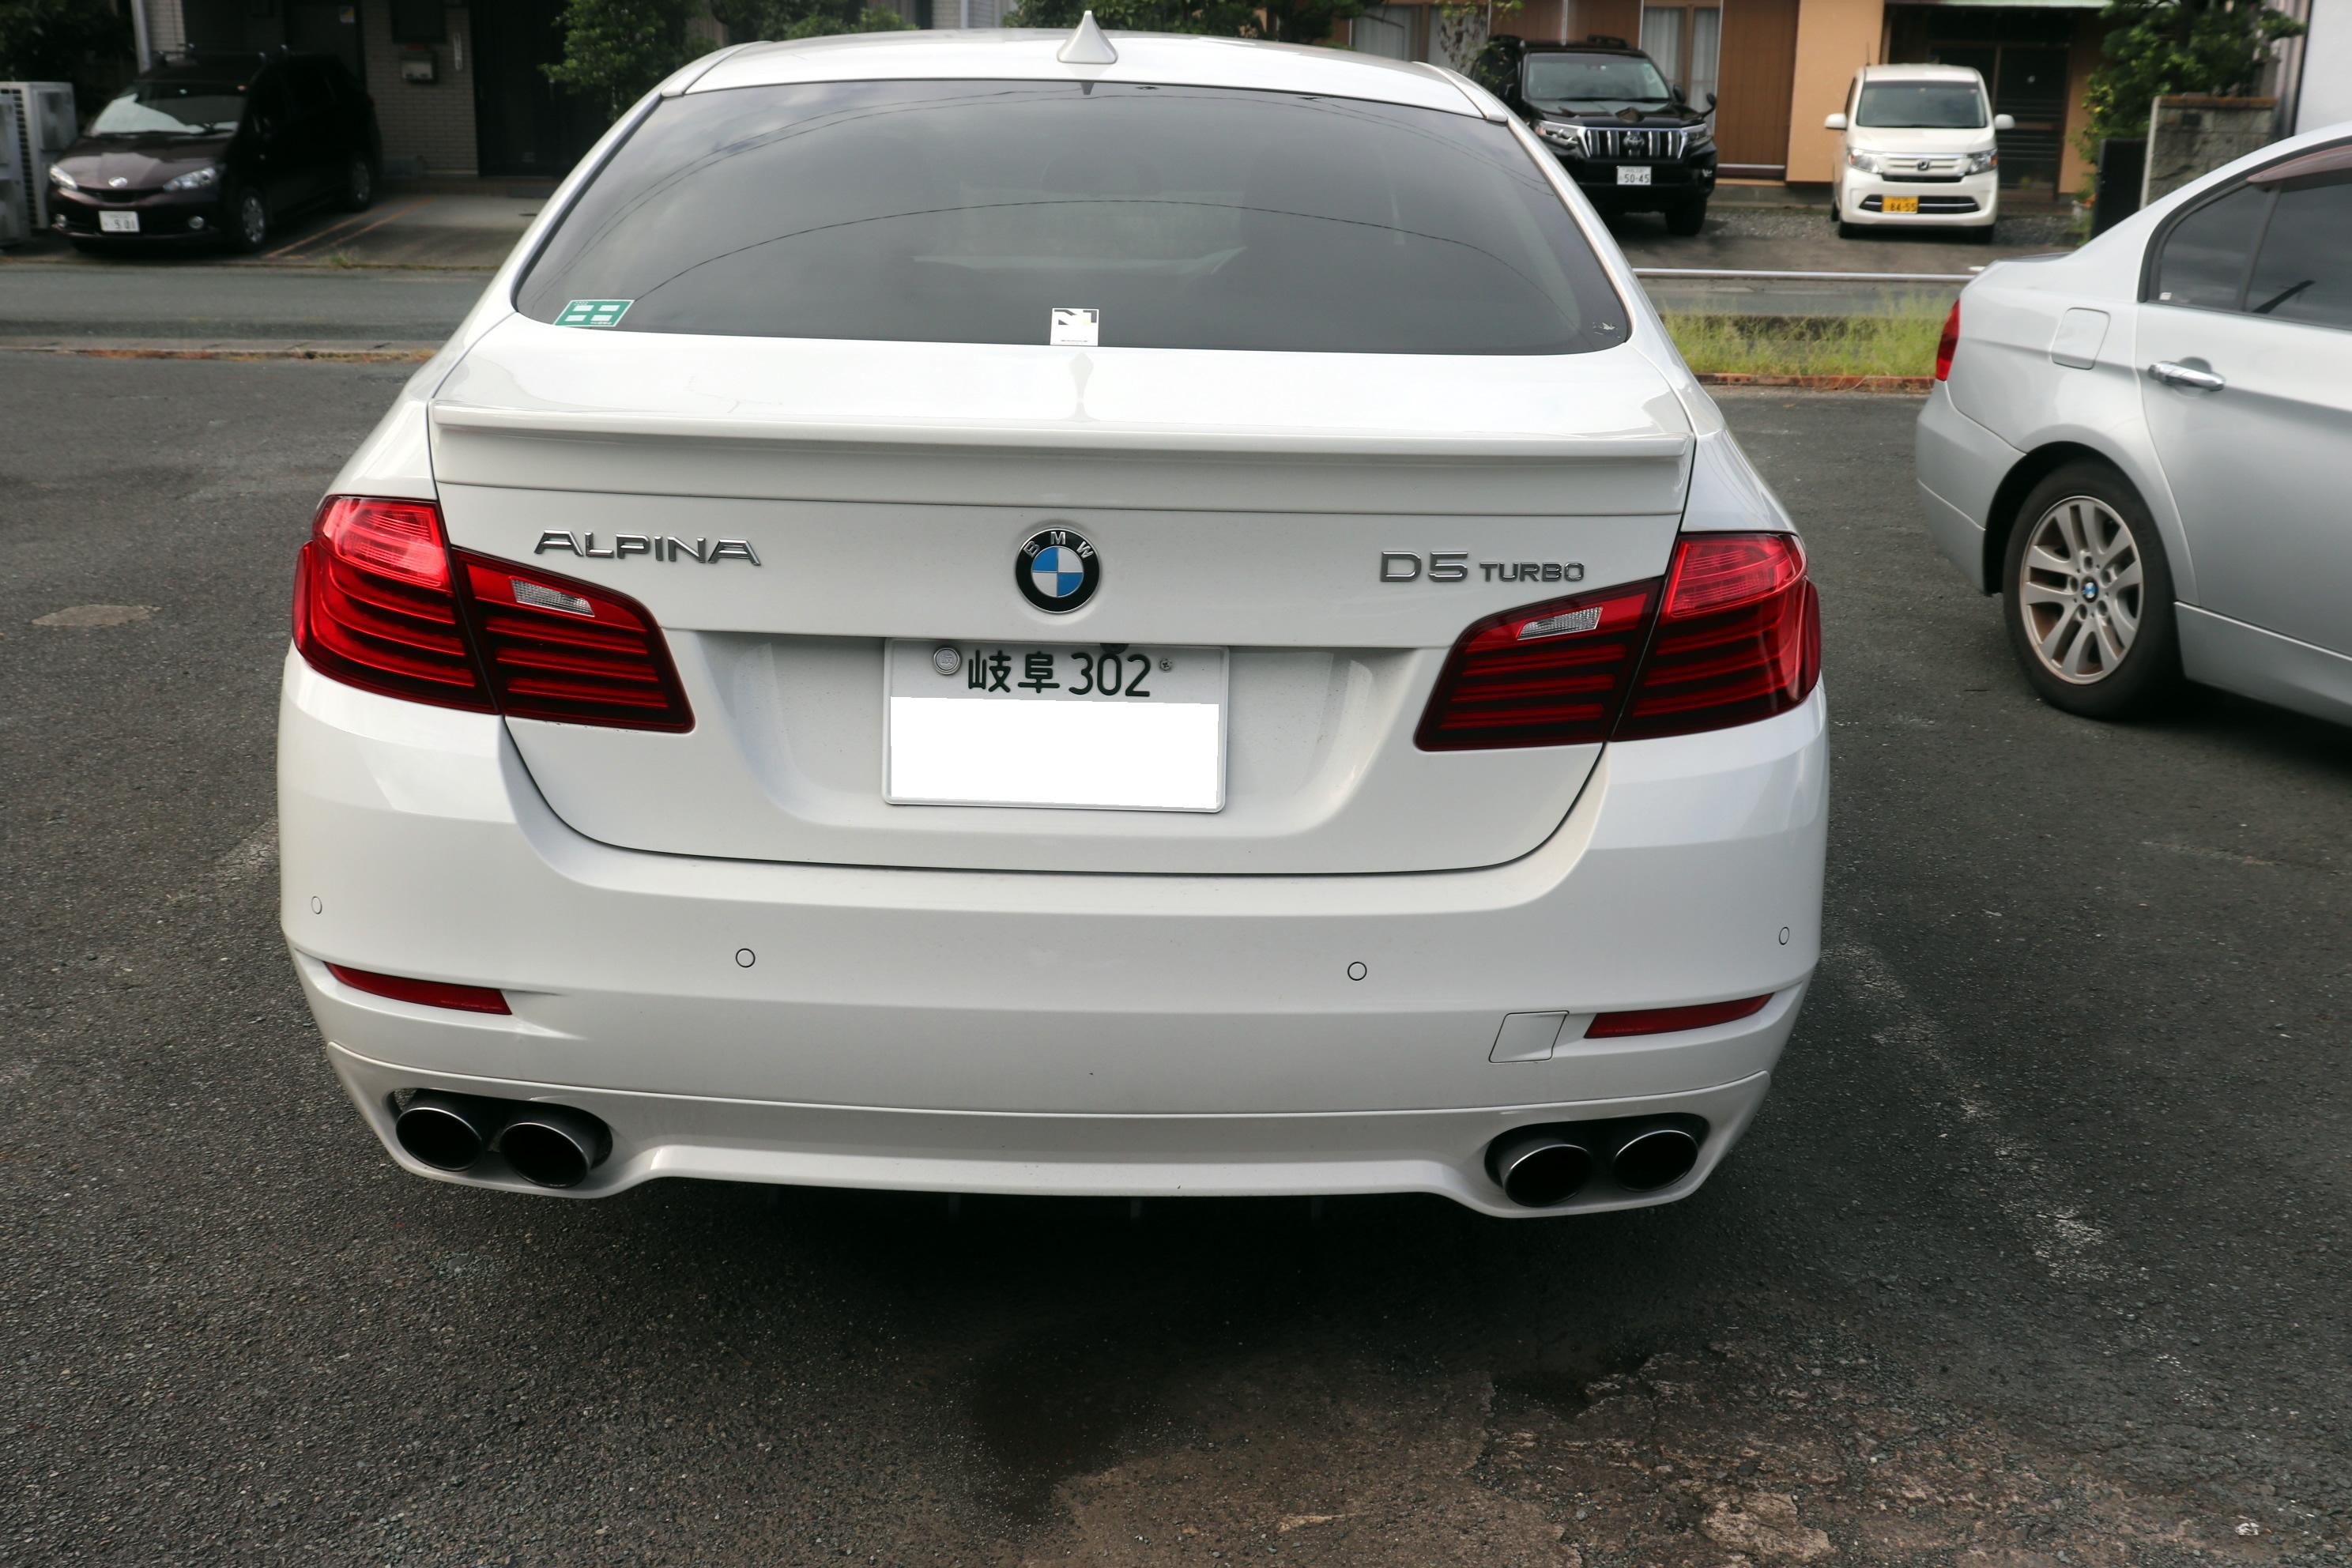 BMW アルピナ F10 D5 のお客様から!